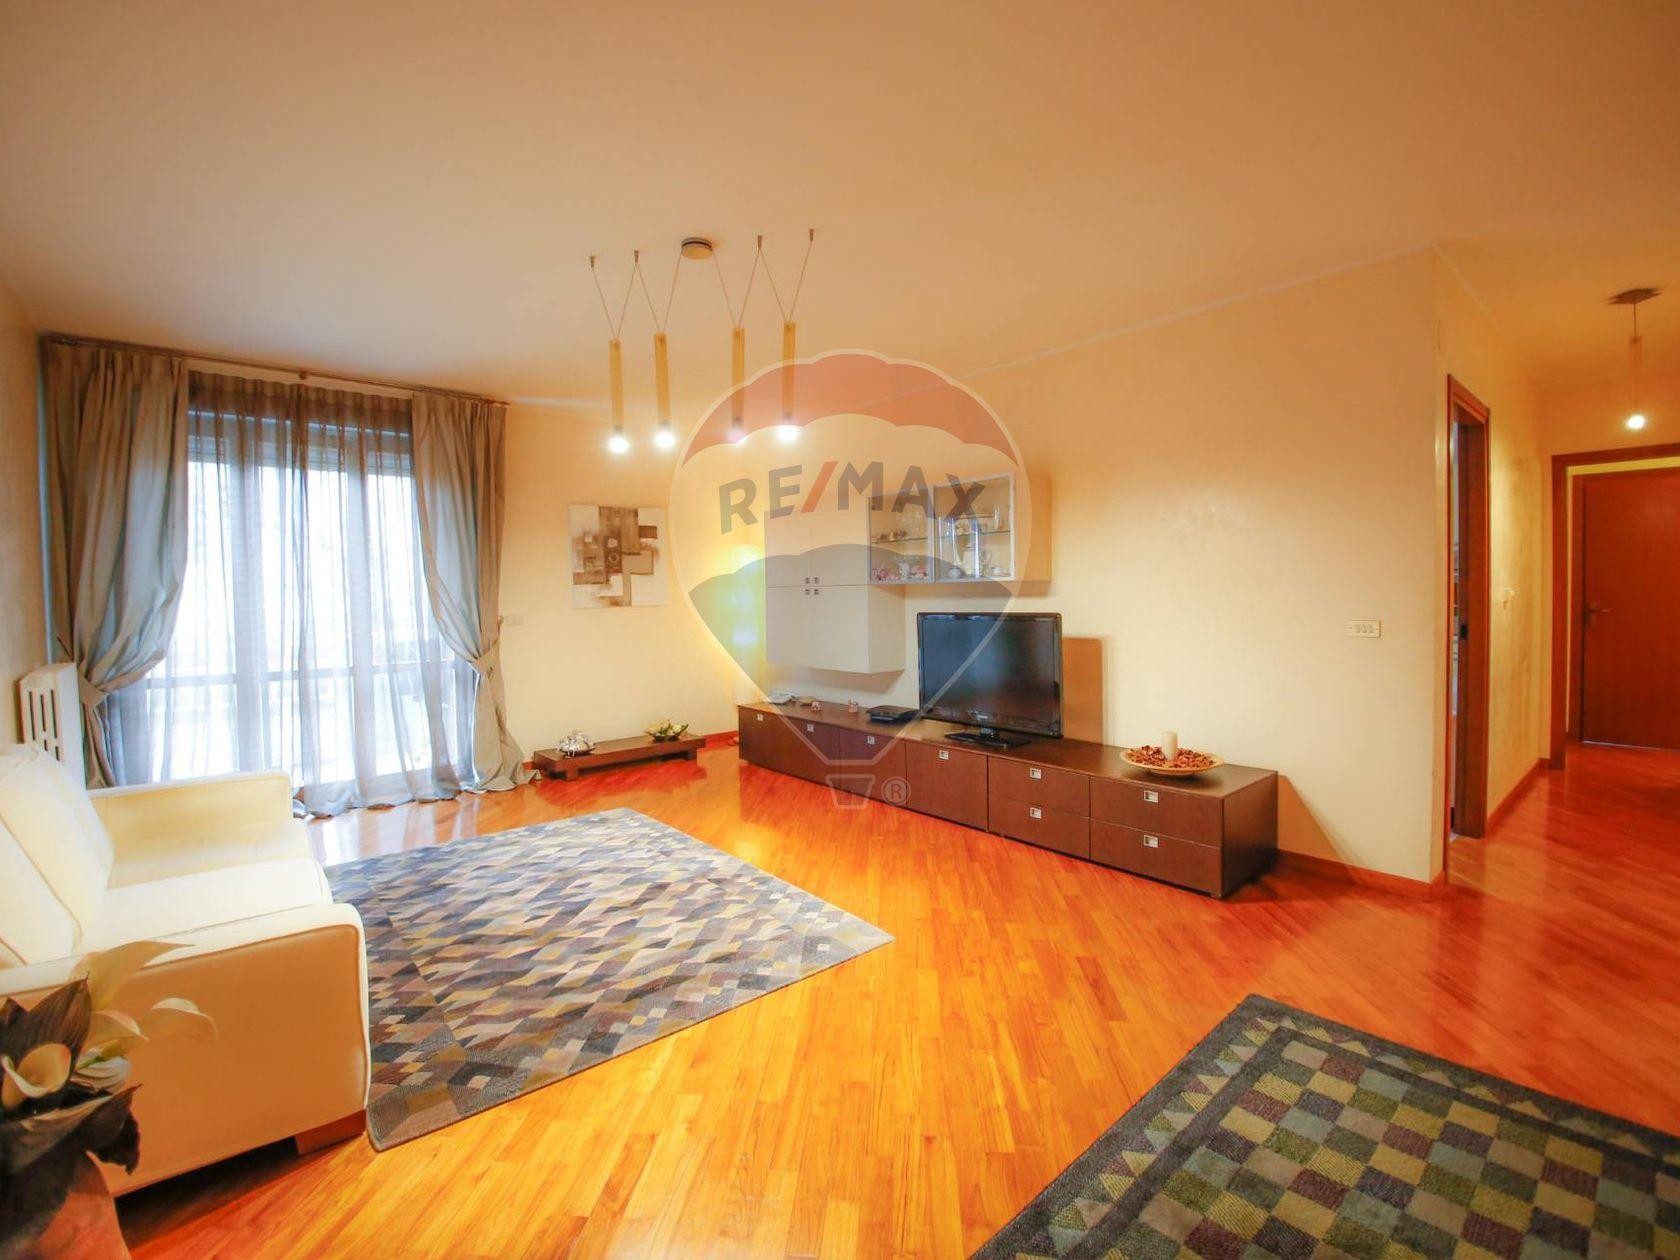 Appartamento Filippone, Chieti, CH Vendita - Foto 5